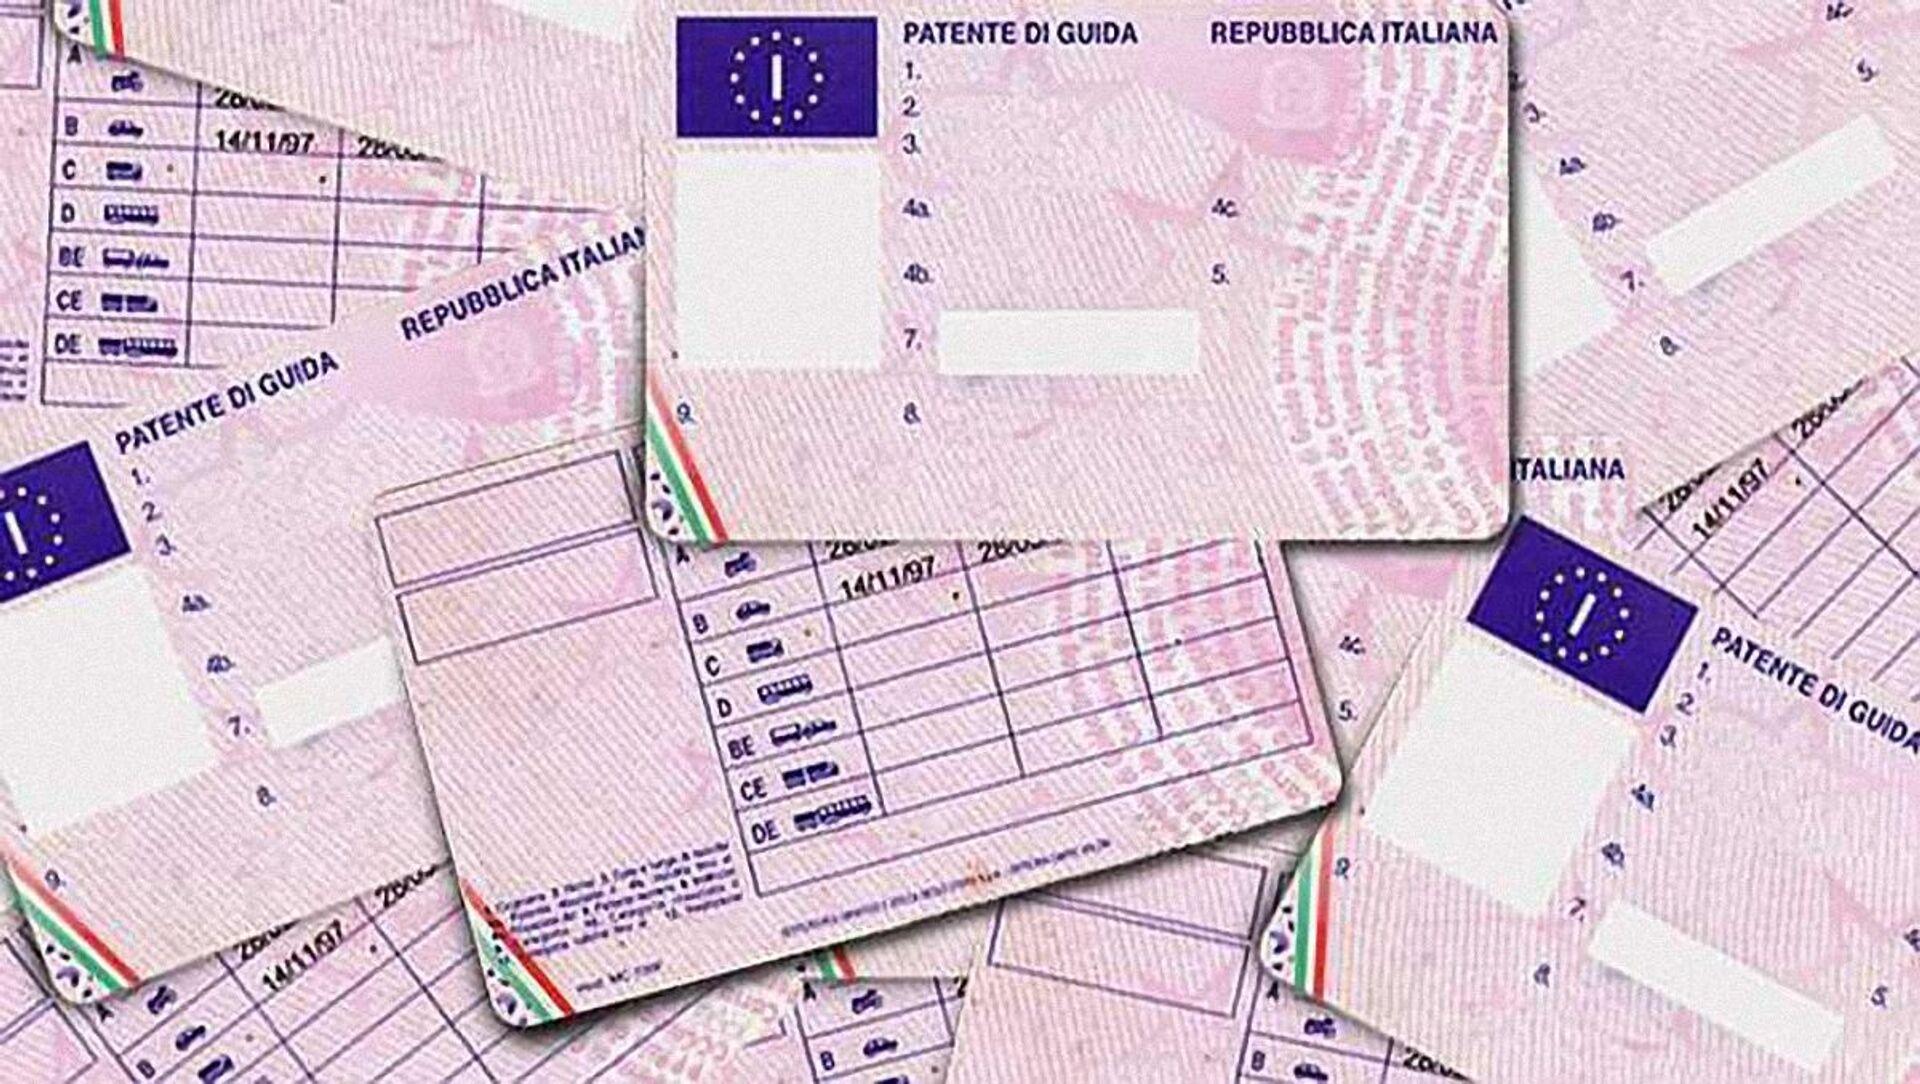 Patente di guida italiana, autorizzazione amministrativa necessaria per poter condurre veicoli a motore - Sputnik Italia, 1920, 06.03.2021